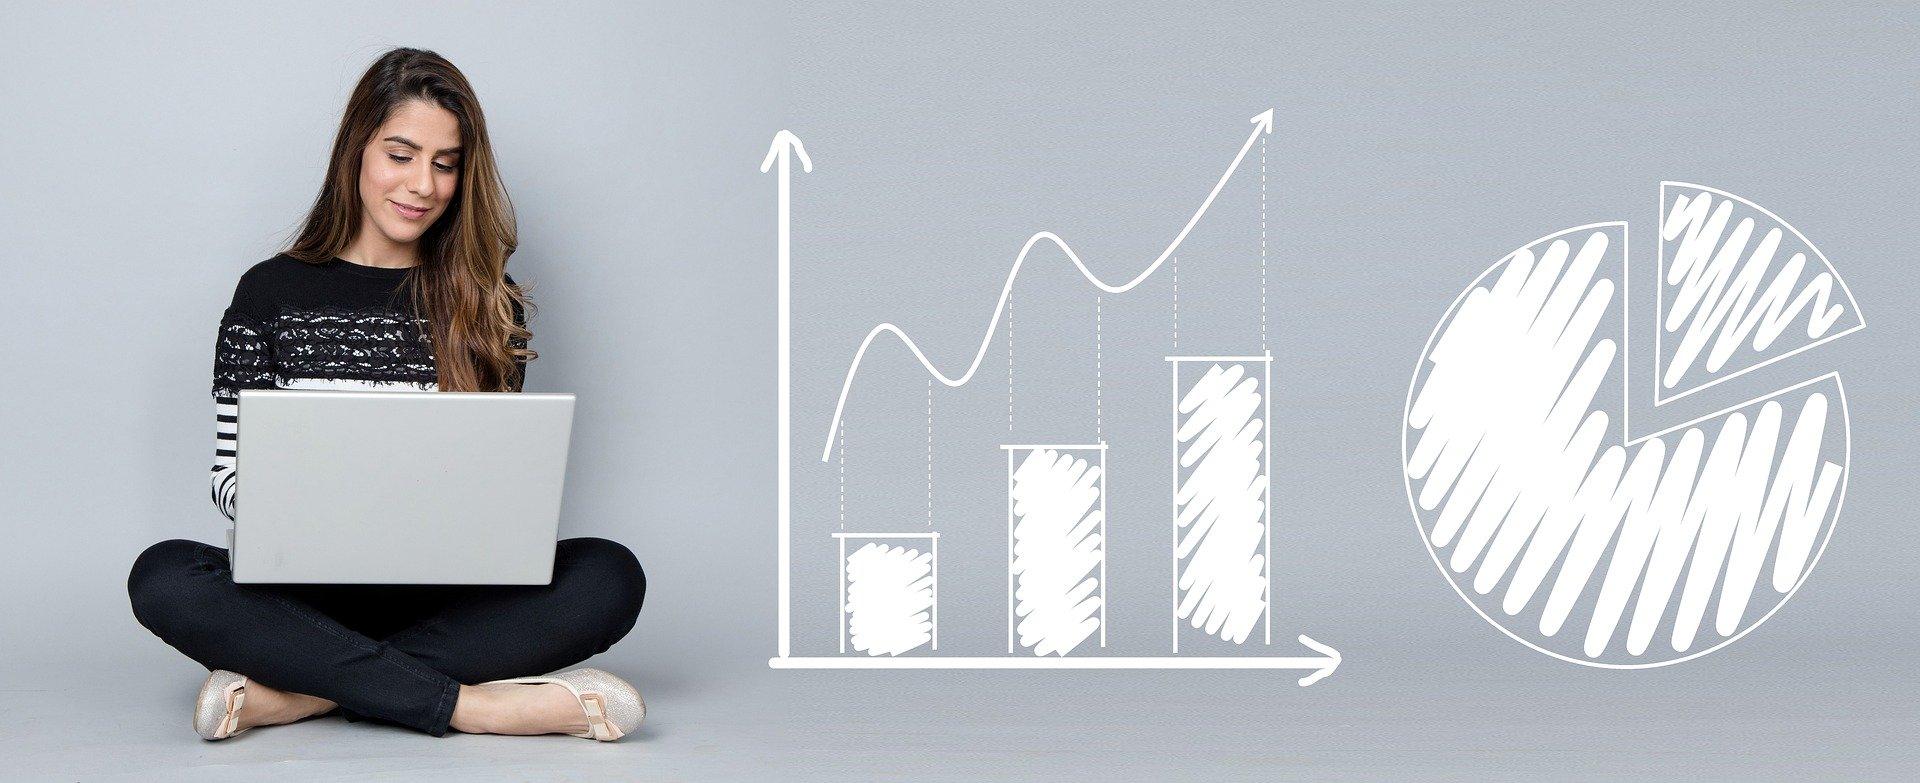 Las nuevas tendencias del teletrabajo requieren de nuevos acuerdos entre los grupos de trabajo para alcanzar los resultados y no morir en el intento.